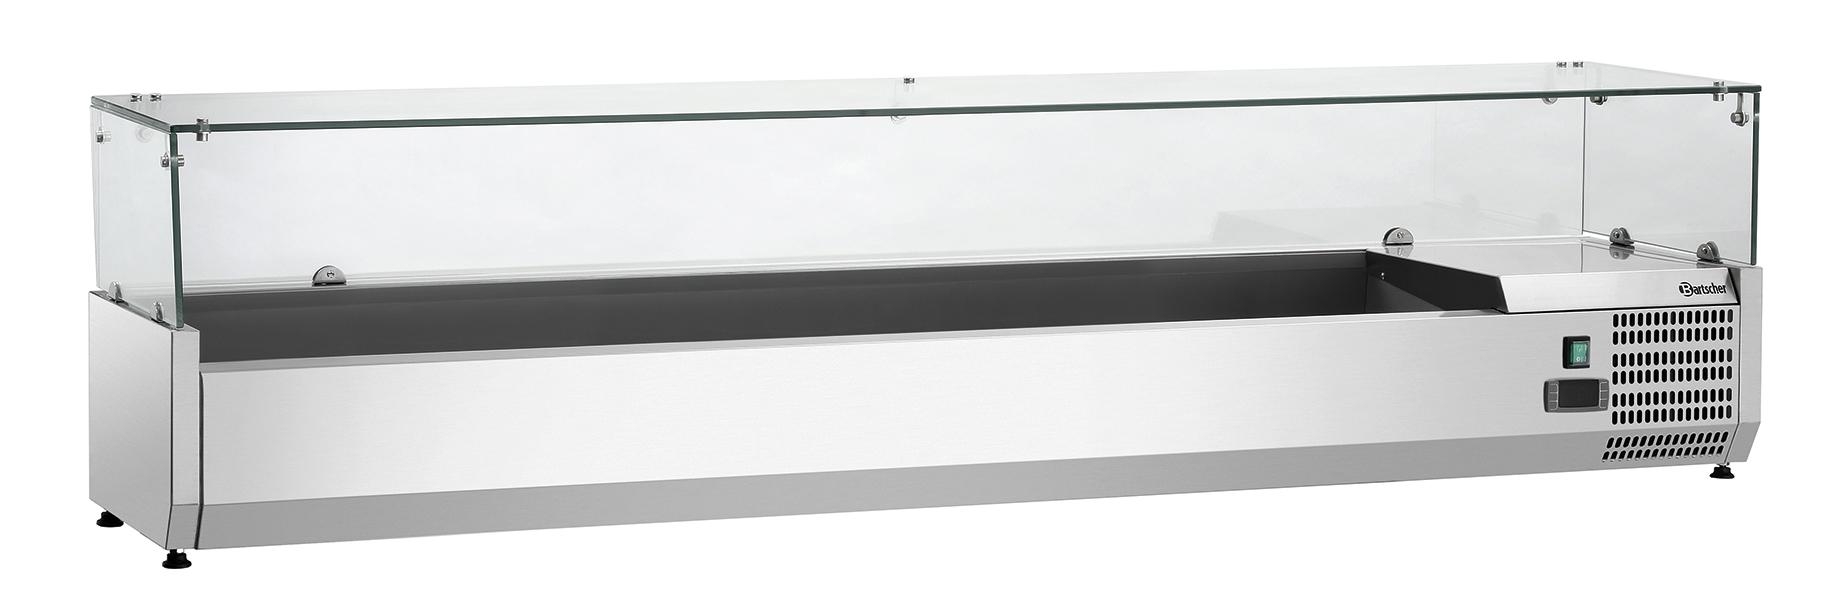 Bartscher Koelopzetvitrine GL3 8x 1/3GN - 180 cm